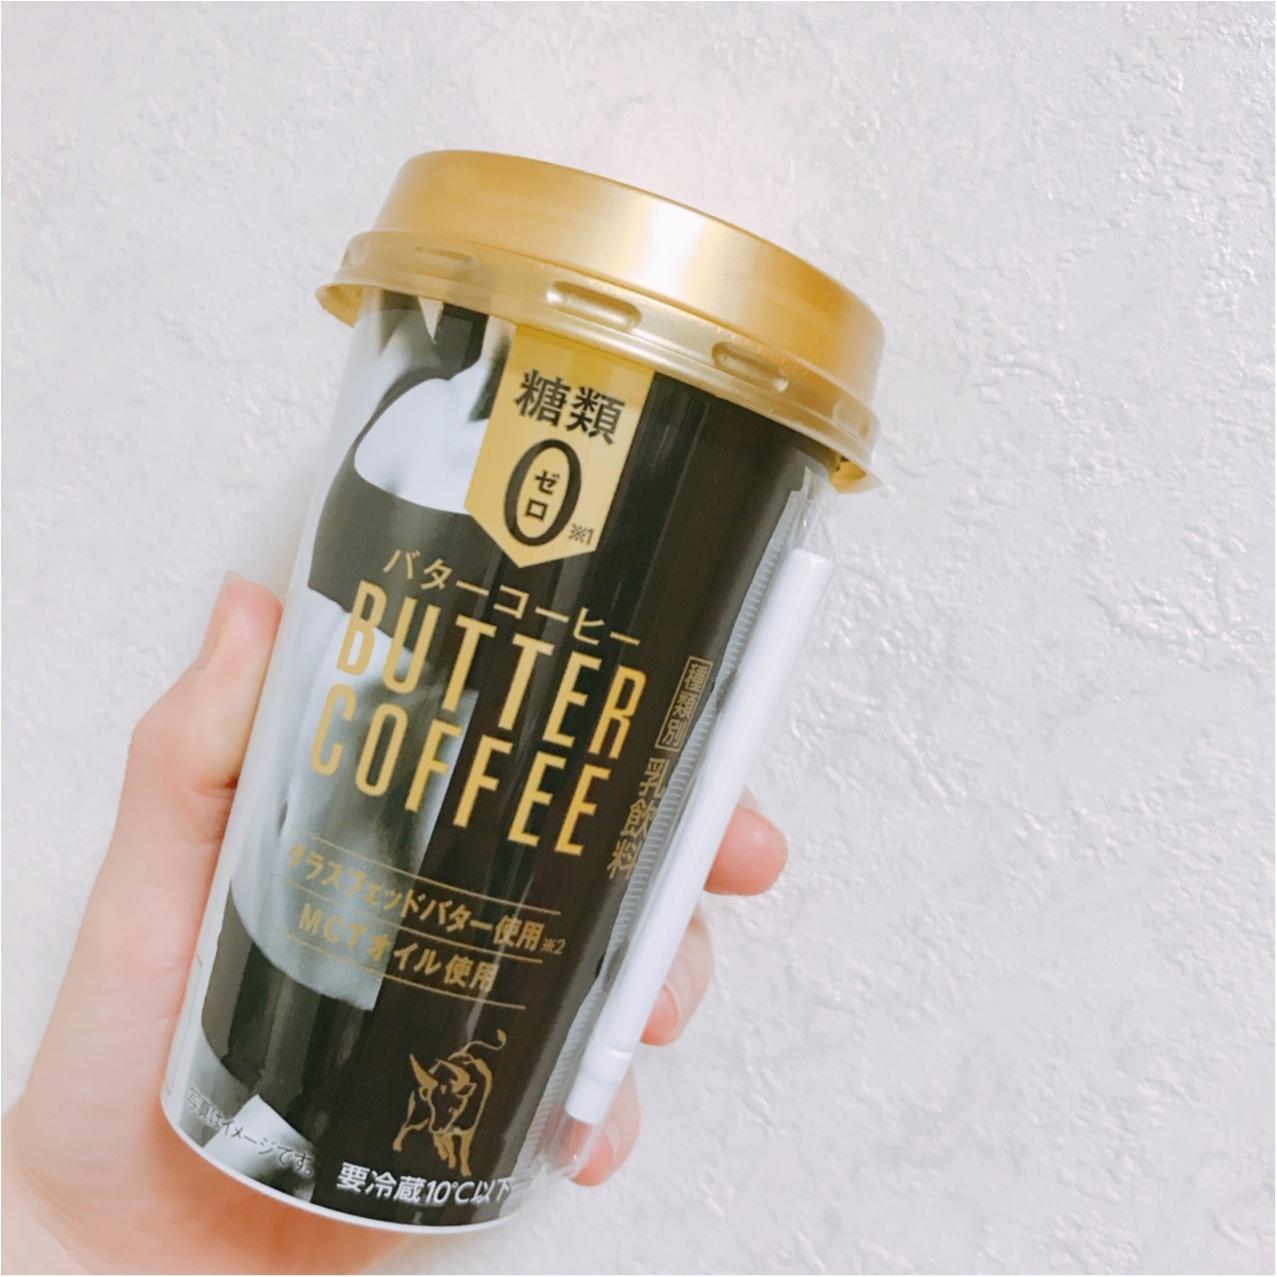 ファミマで買える♡《バターコーヒーダイエット》始めました。_1